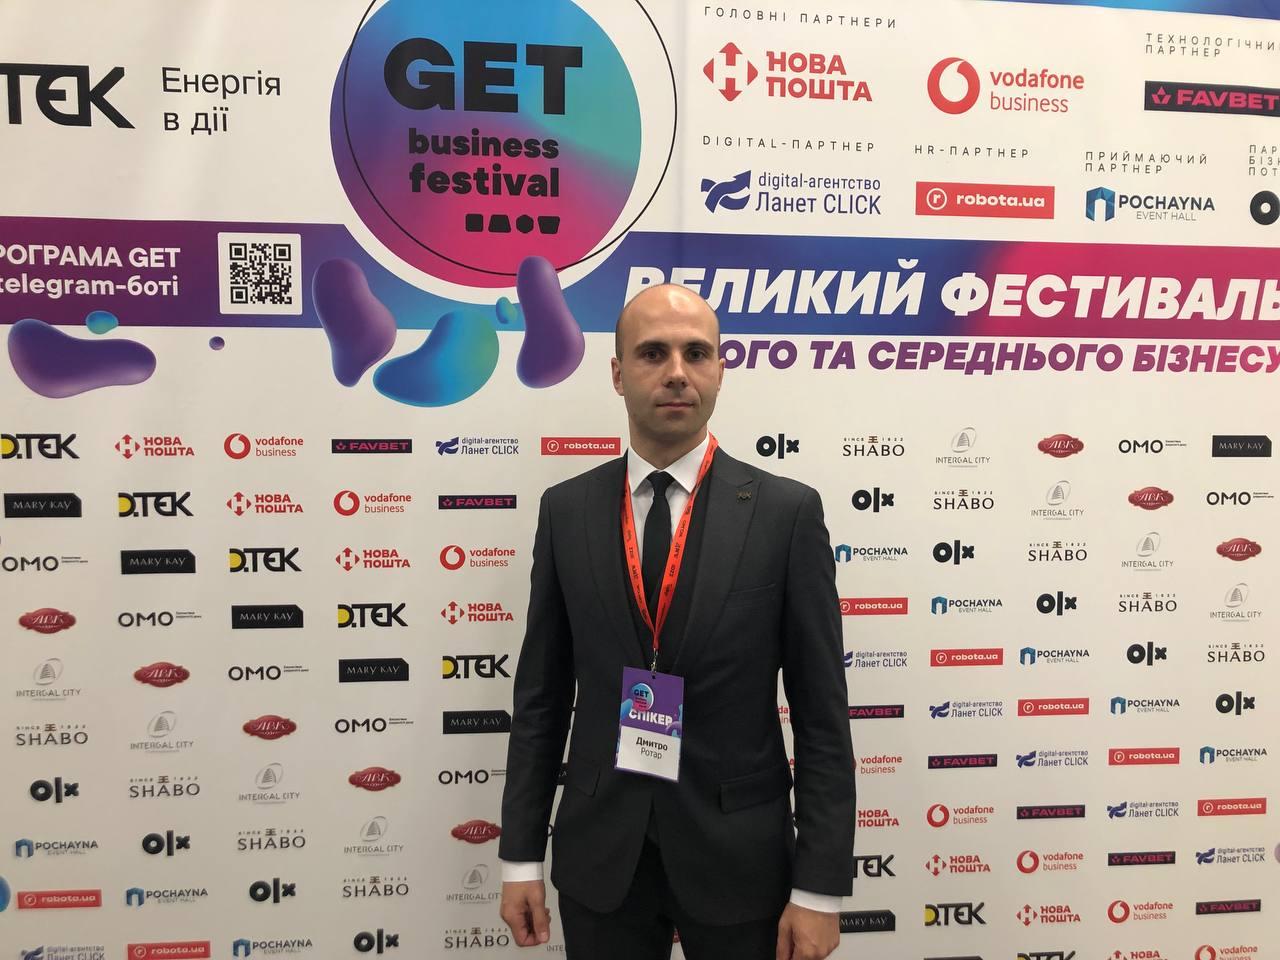 Центр Біржових Технологій виступив на Get Business Festival - 7 фото